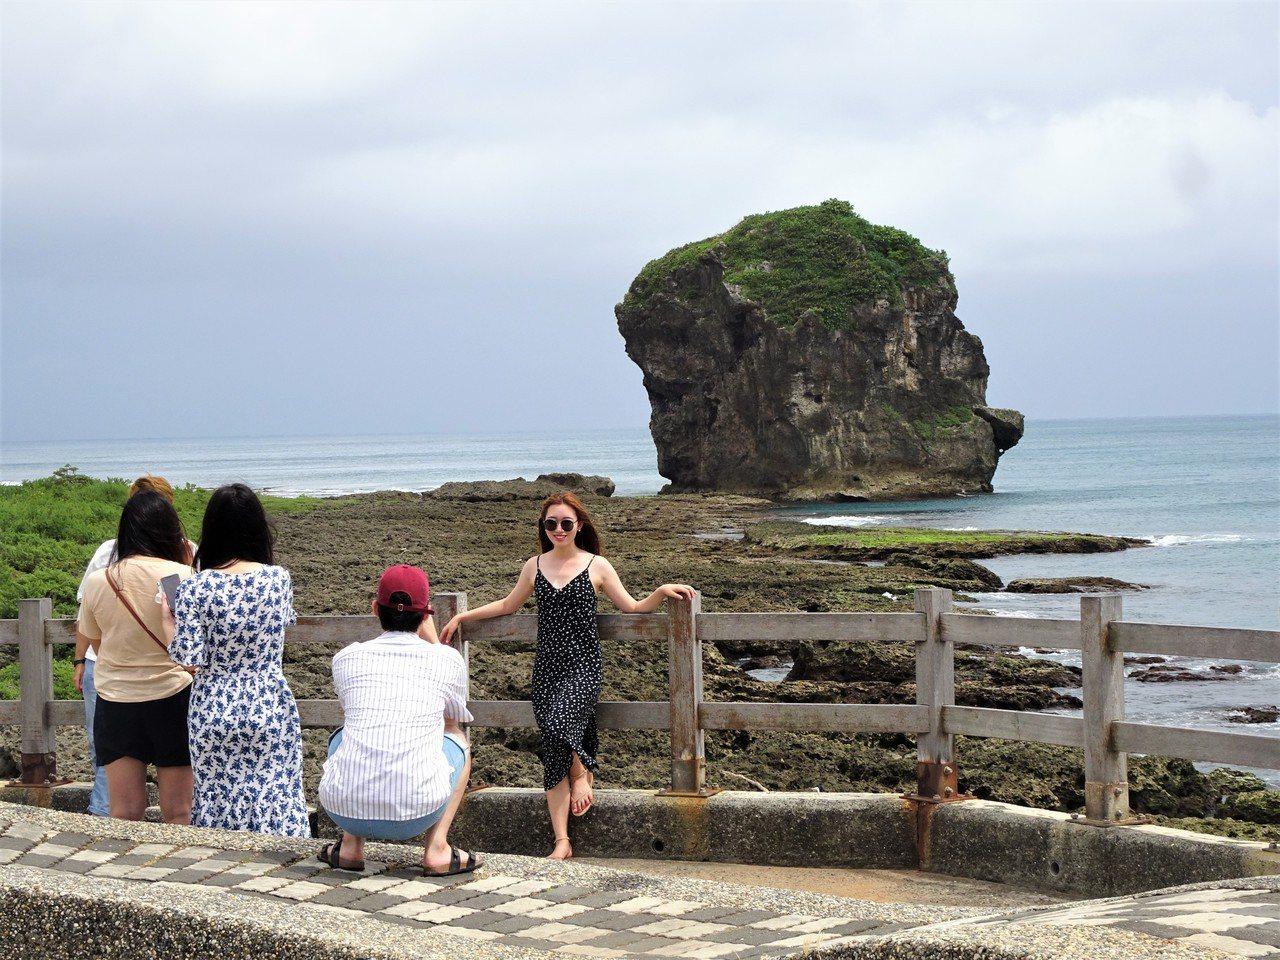 輕颱丹娜絲逼近,墾丁遊憩沙灘全部封鎖,遊客只能在岸邊拍照。記者潘欣中/攝影